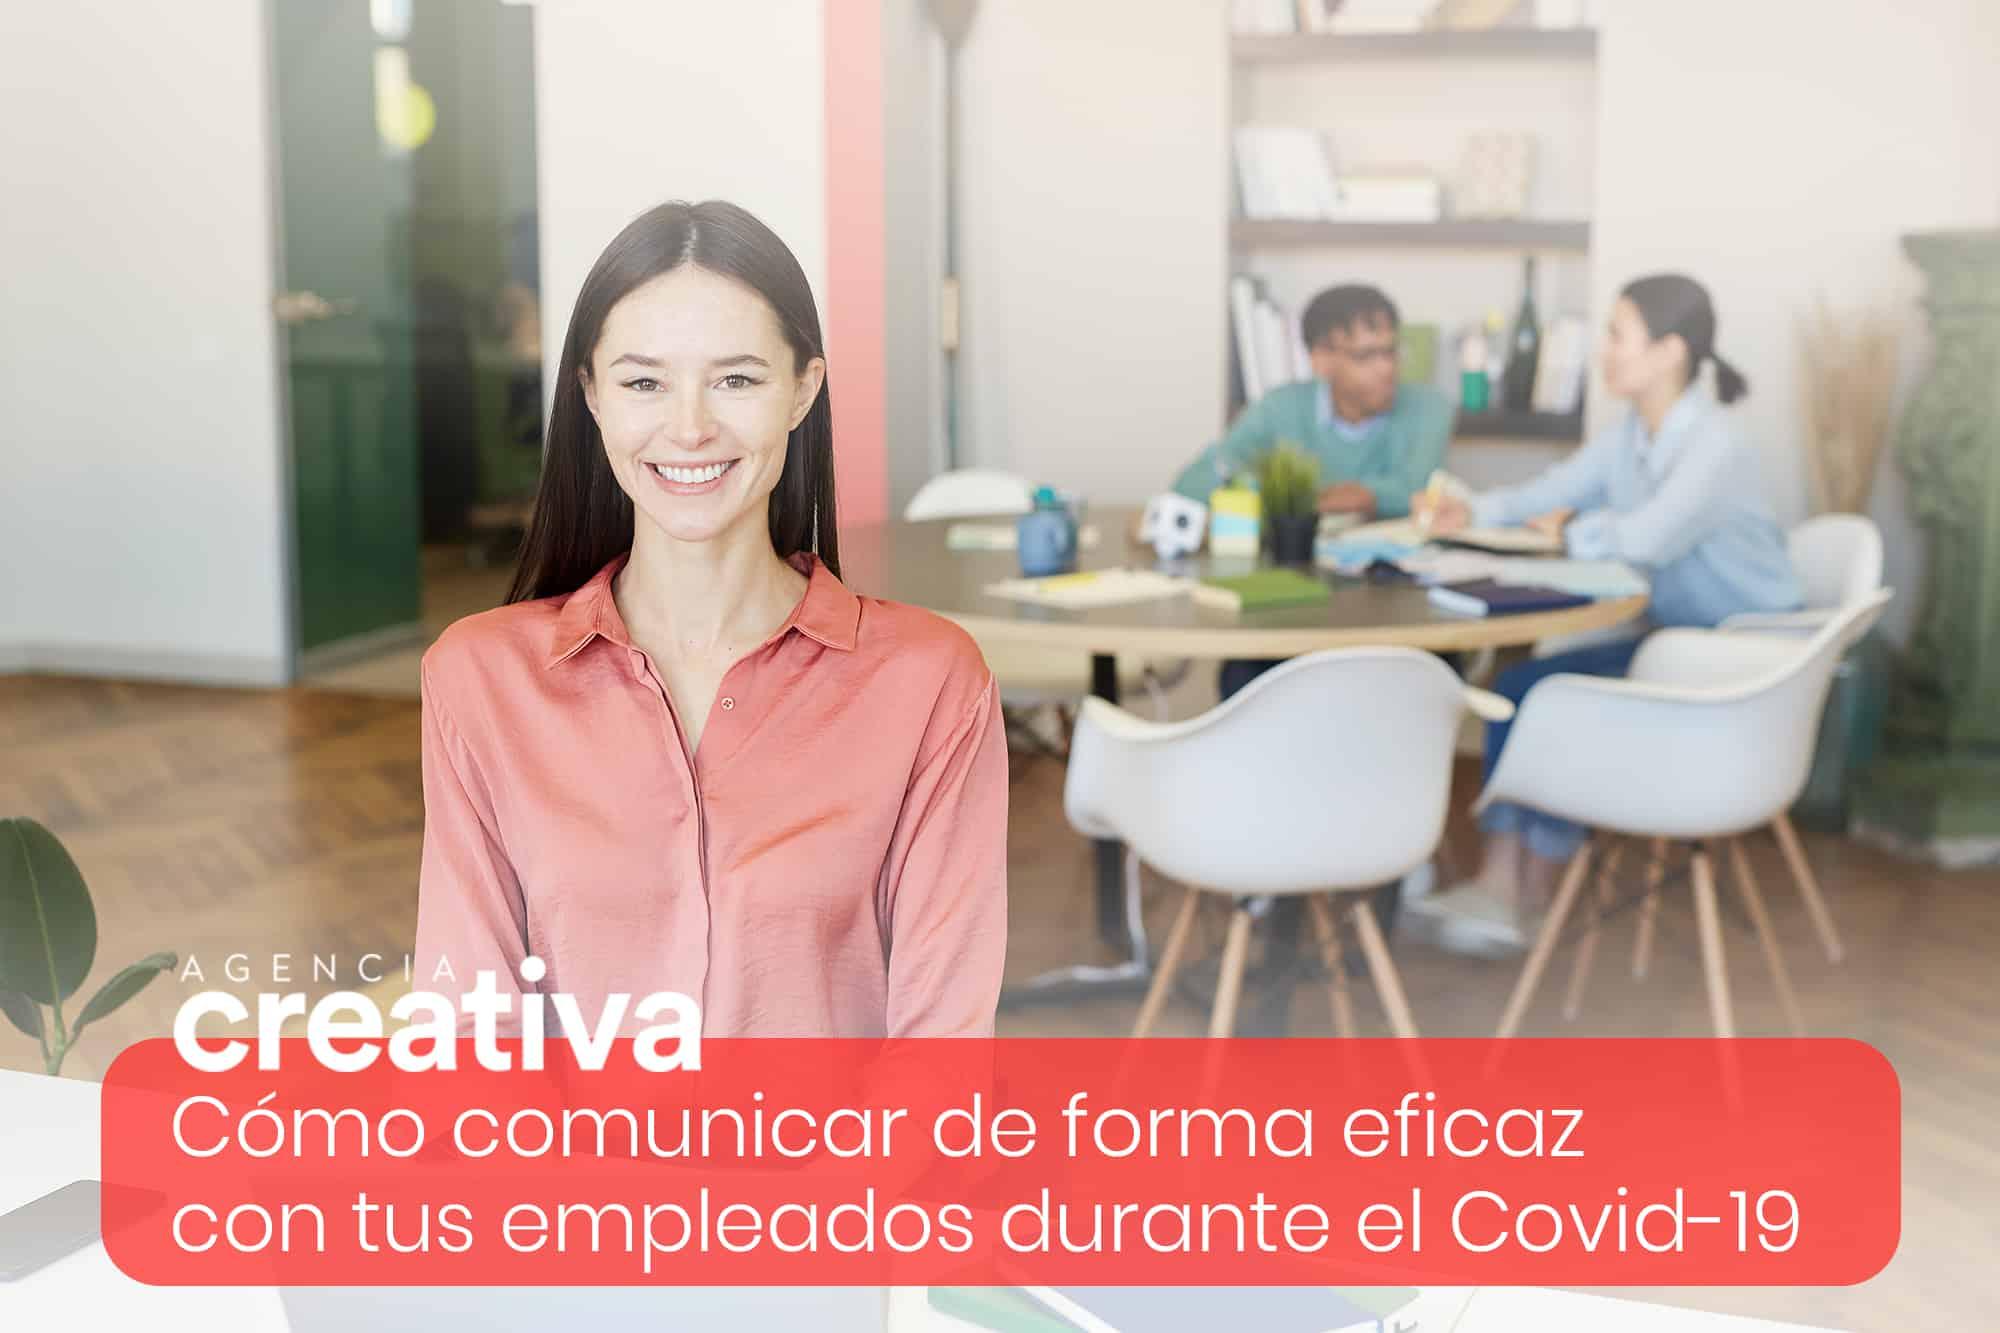 Cómo comunicar de forma eficaz con tus empleados durante el Covid-19